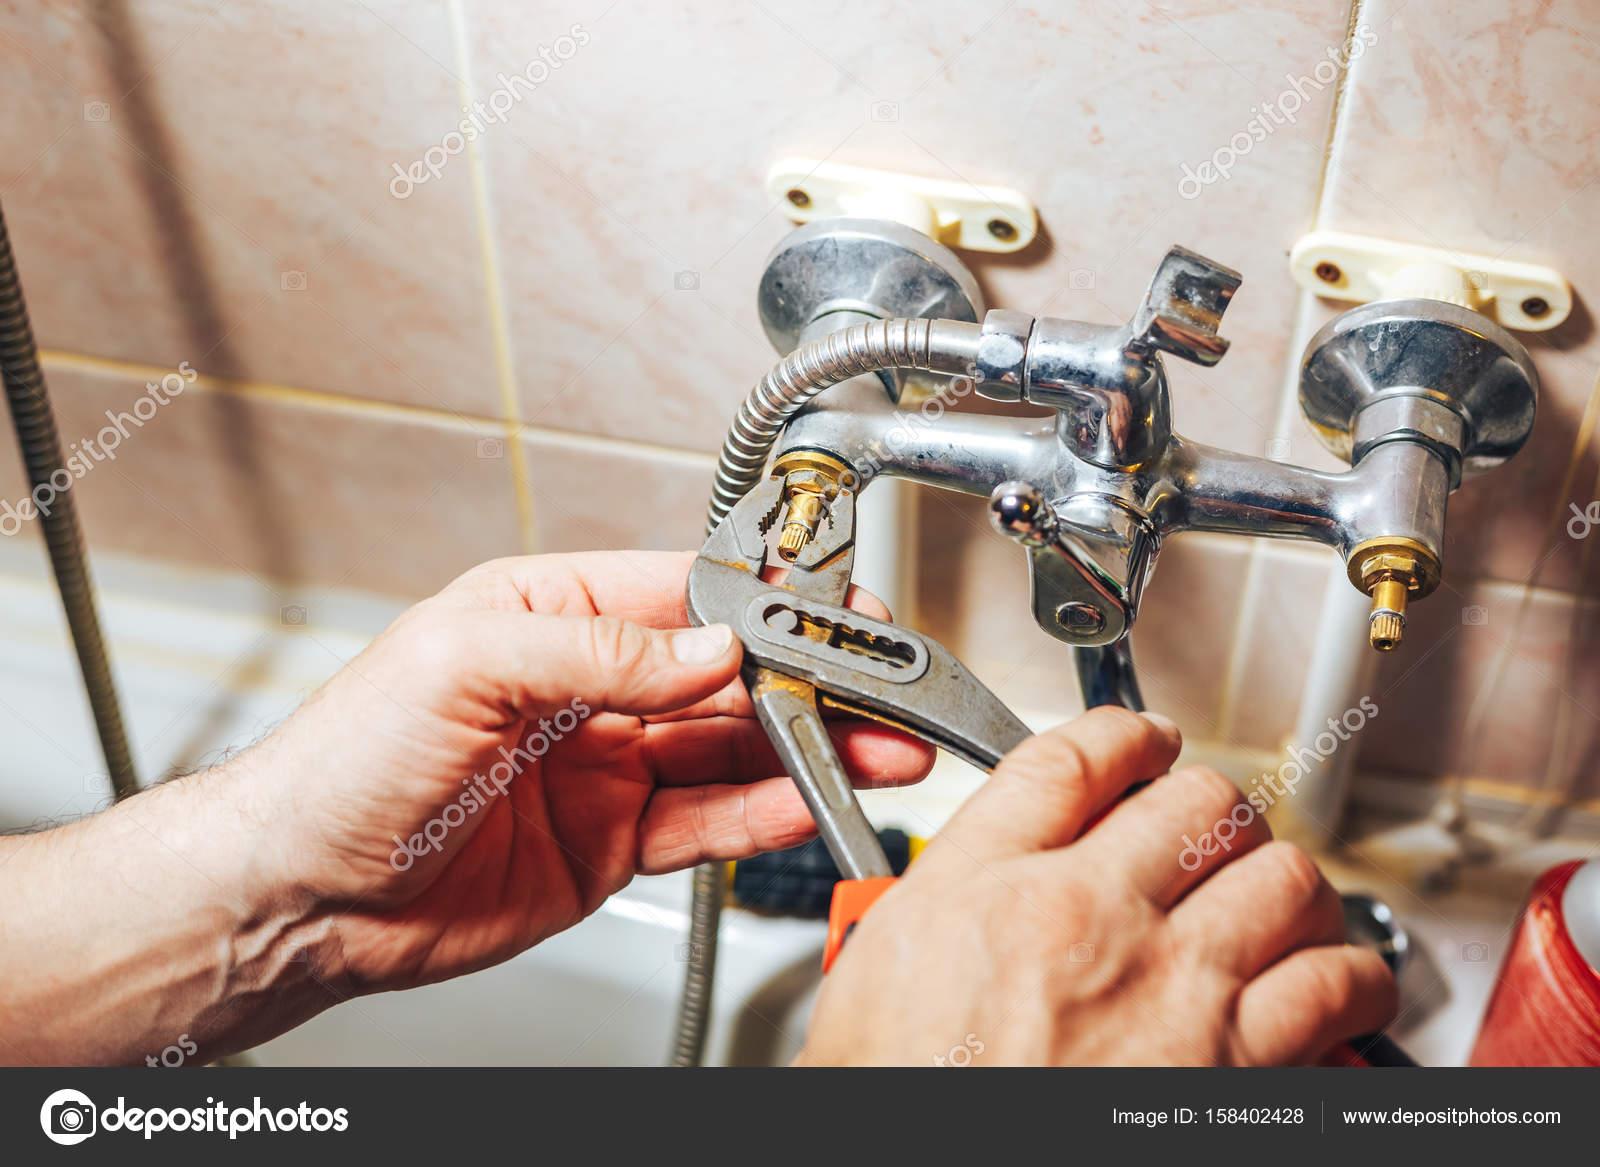 Man Reparatie En Fixing Lekkende Oude Kraan In De Badkamer Stockfoto Rechtenvrije Foto Door C Photografspb 158402428